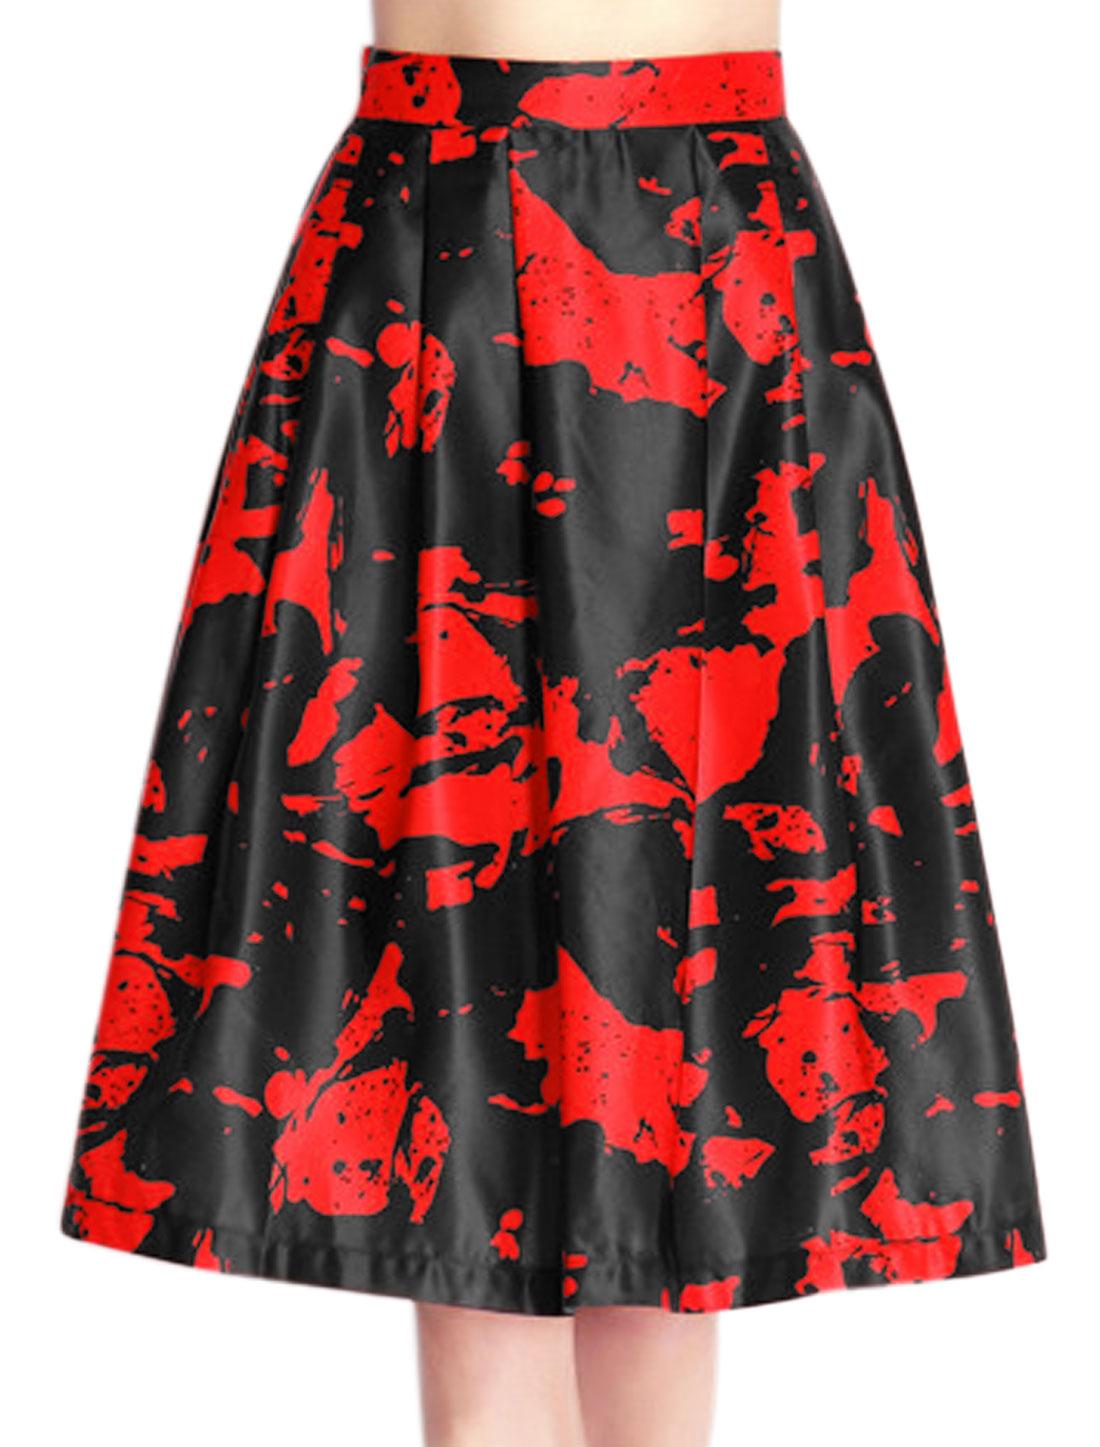 Women High Waist Novelty Prints Pleated Midi Full Skirt Red S